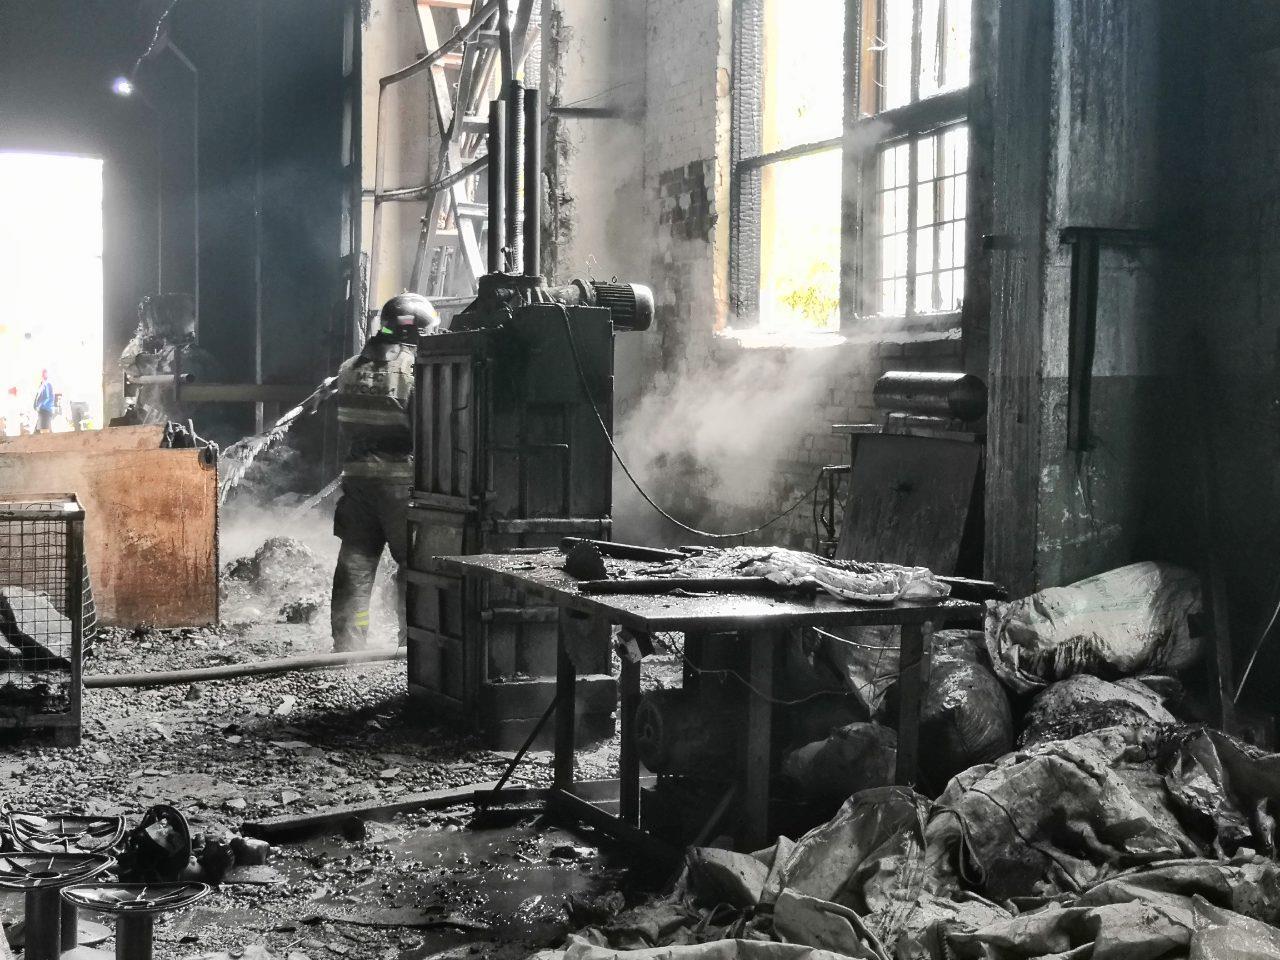 В Тольятти на территории бывшего «Фосфора» горел склад с пластиком